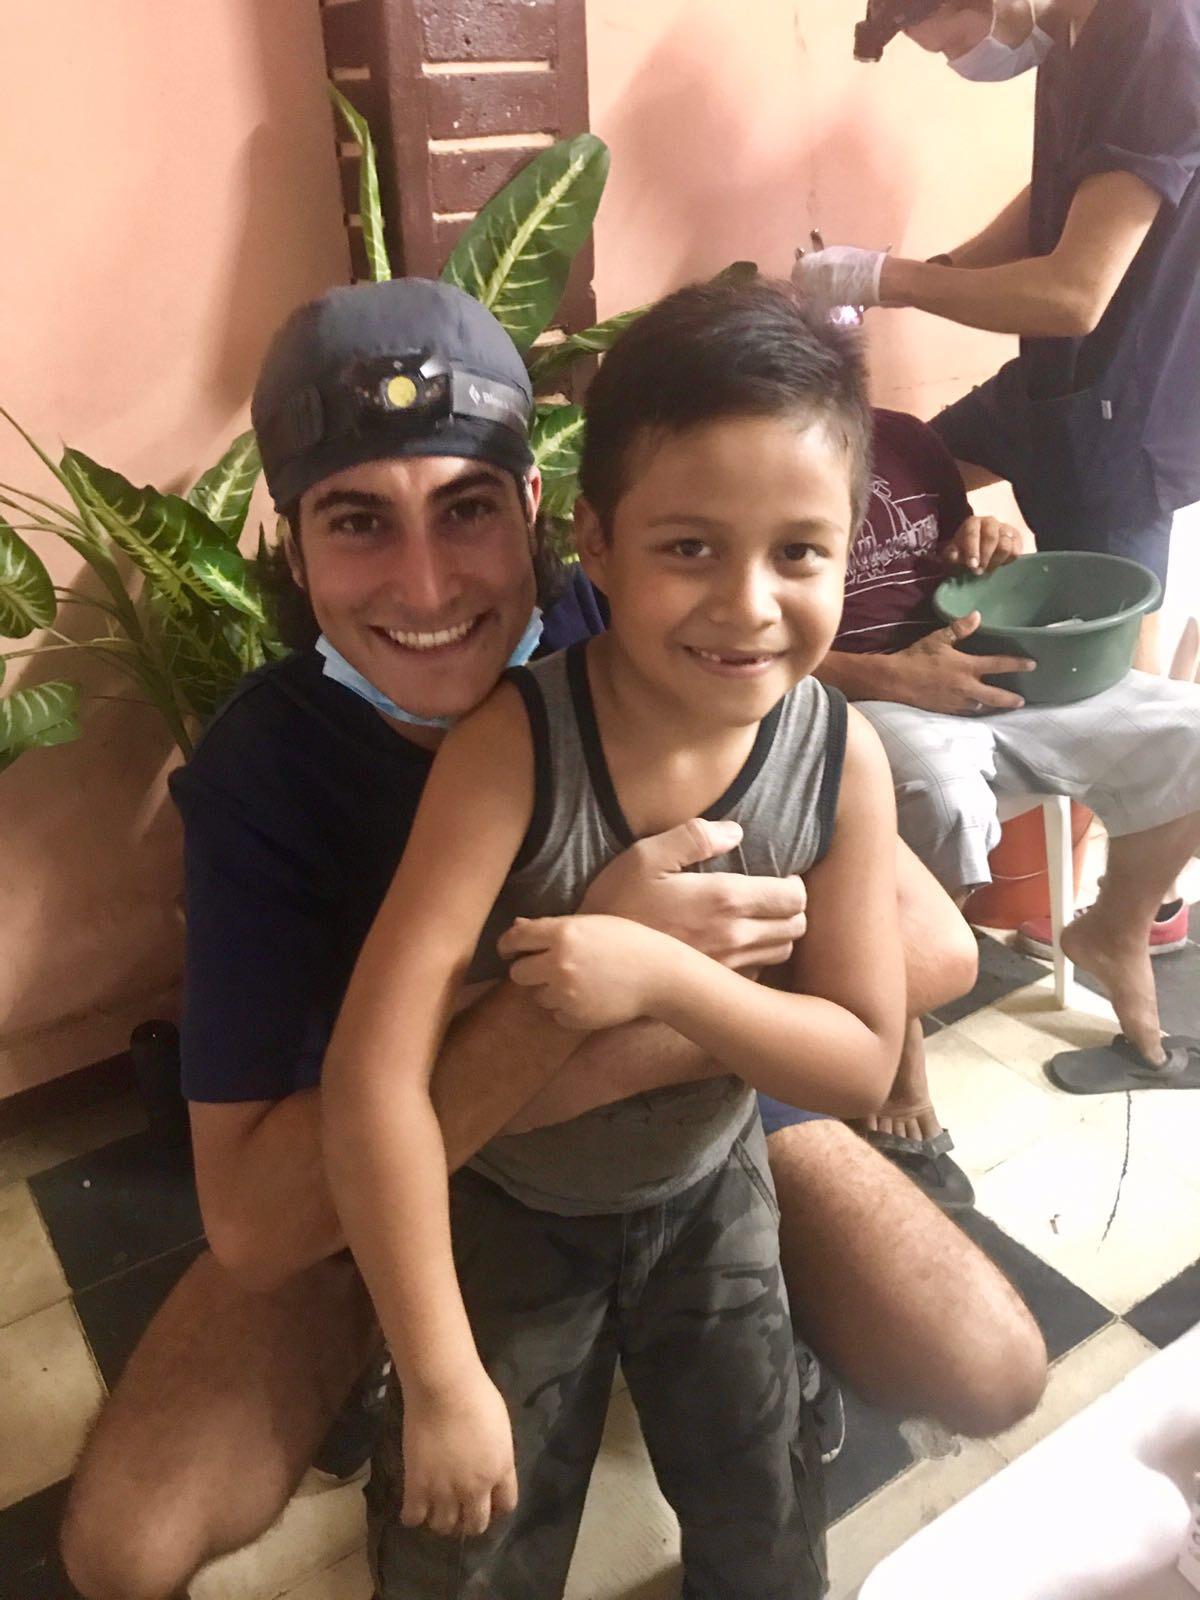 Mariano de l canto con un paciente en Nicaragua - Asociación Dentistas sin límites